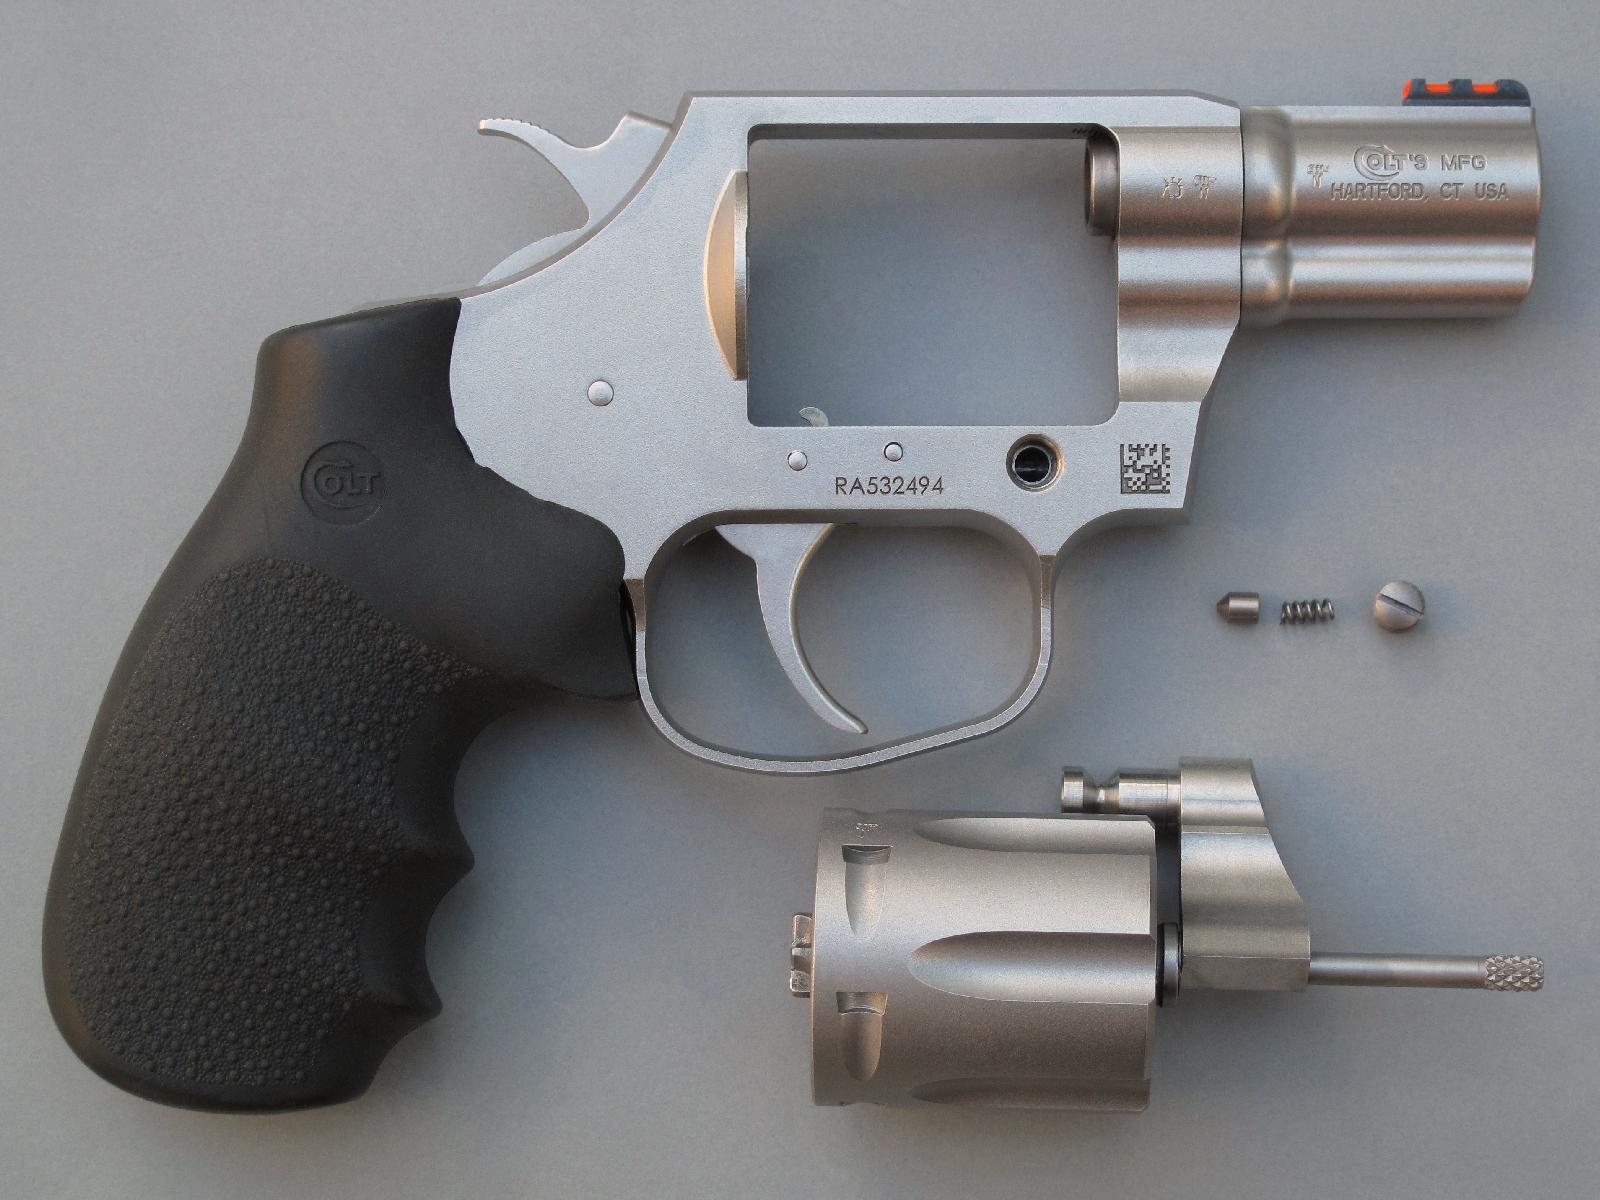 Une grosse vis, accessible sur le côté droit de la carcasse, permet la dépose instantanée du pivot de barillet afin de procéder plus aisément au nettoyage de l'arme.